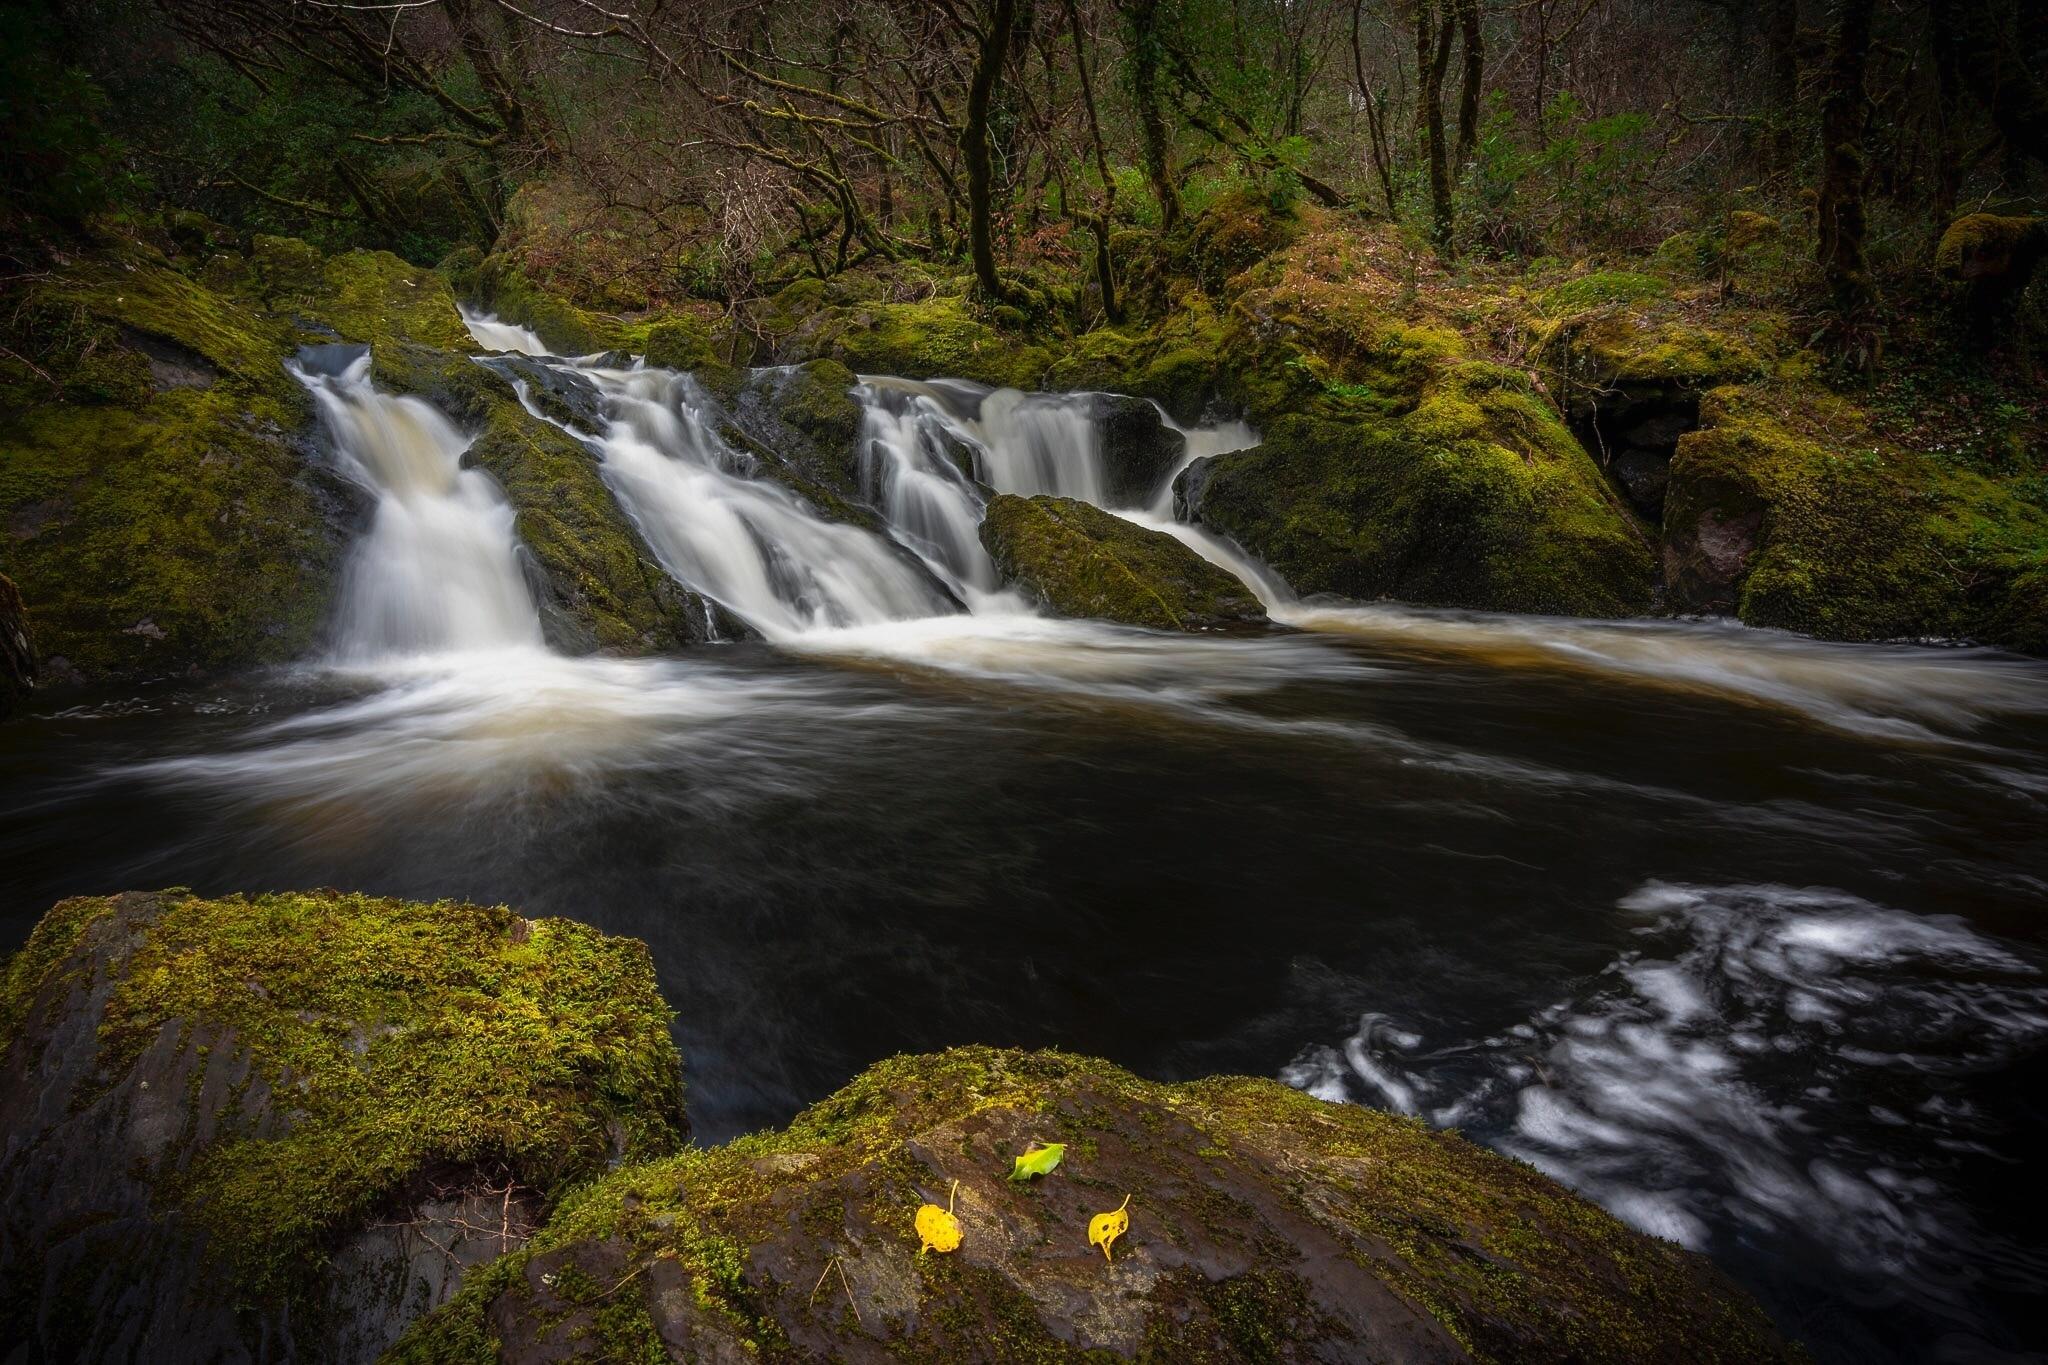 Glengarriff Woods Nature Reserve, Glengarriff, County Cork, Ireland